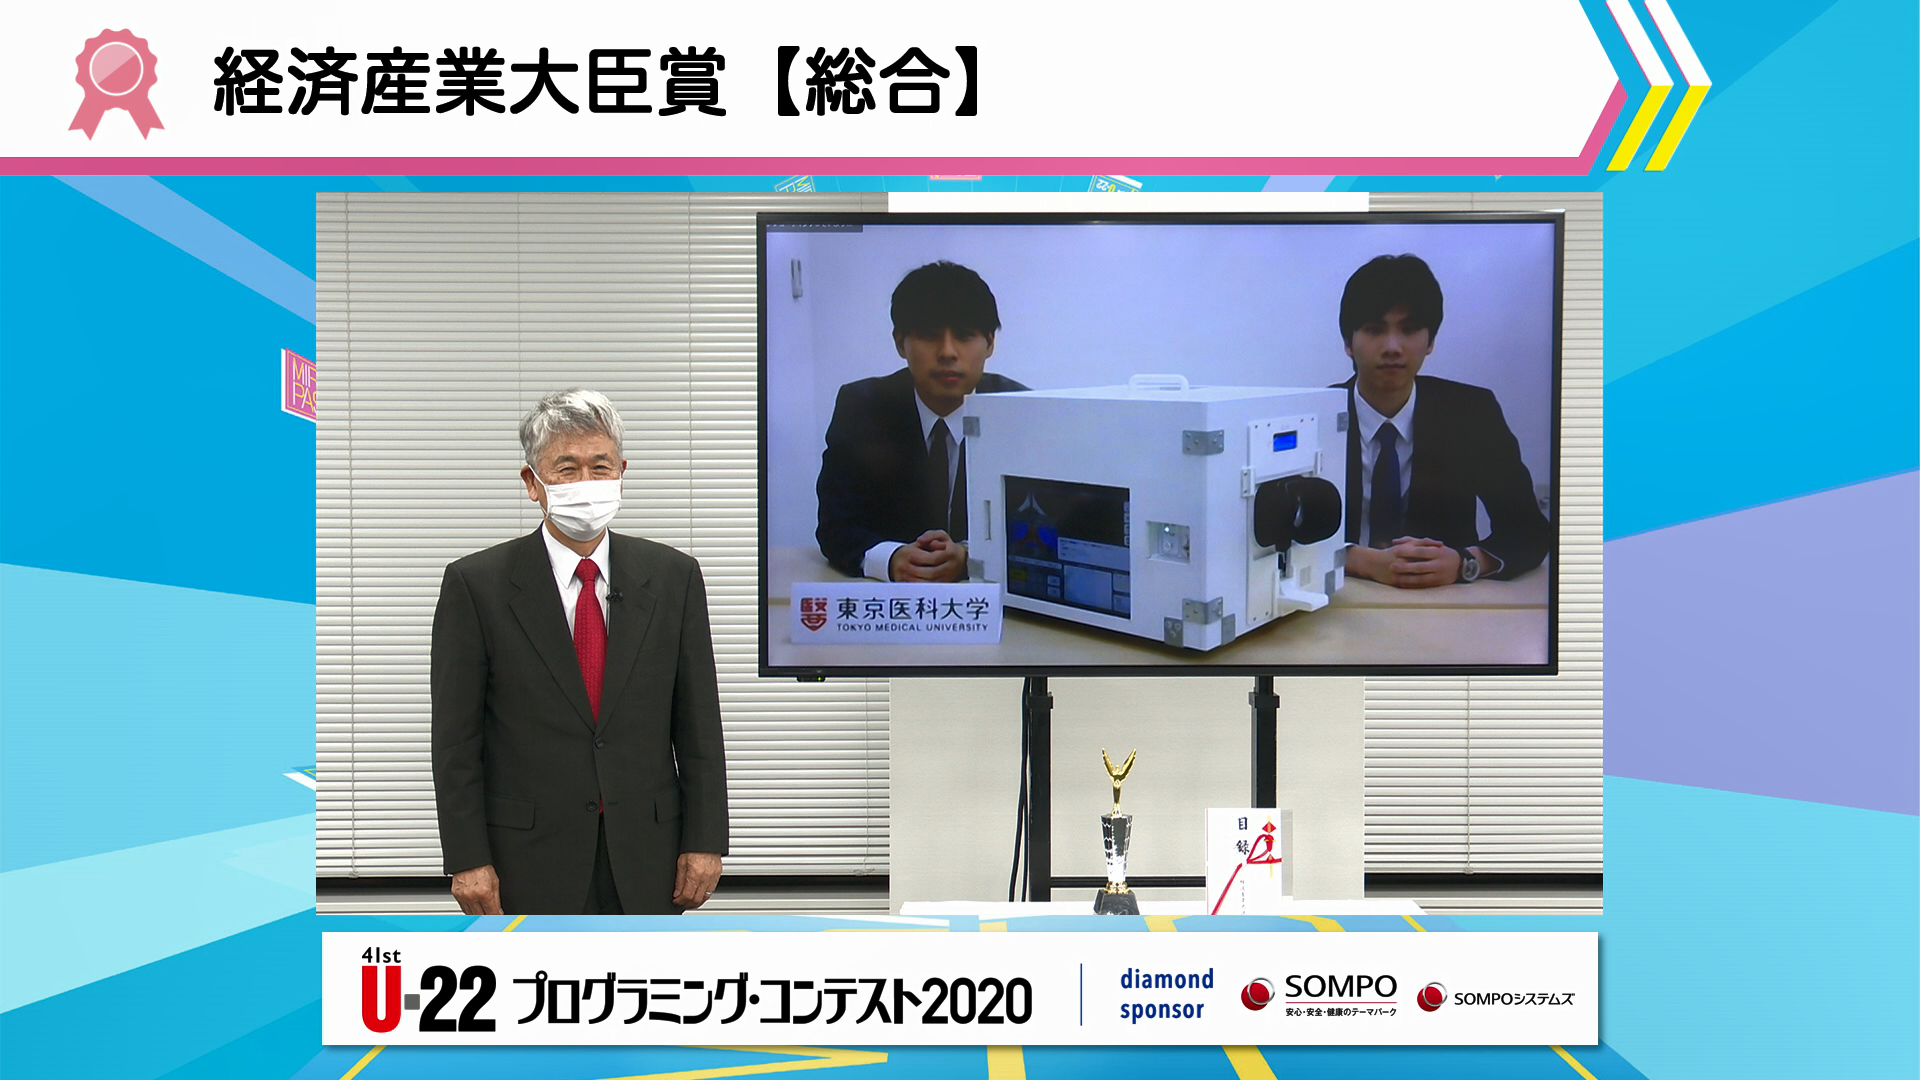 東京医科大学 医学科生が「『U-22 プログラミング・コンテスト2020』で、最高賞の「経済産業大臣賞【総合】」を受賞